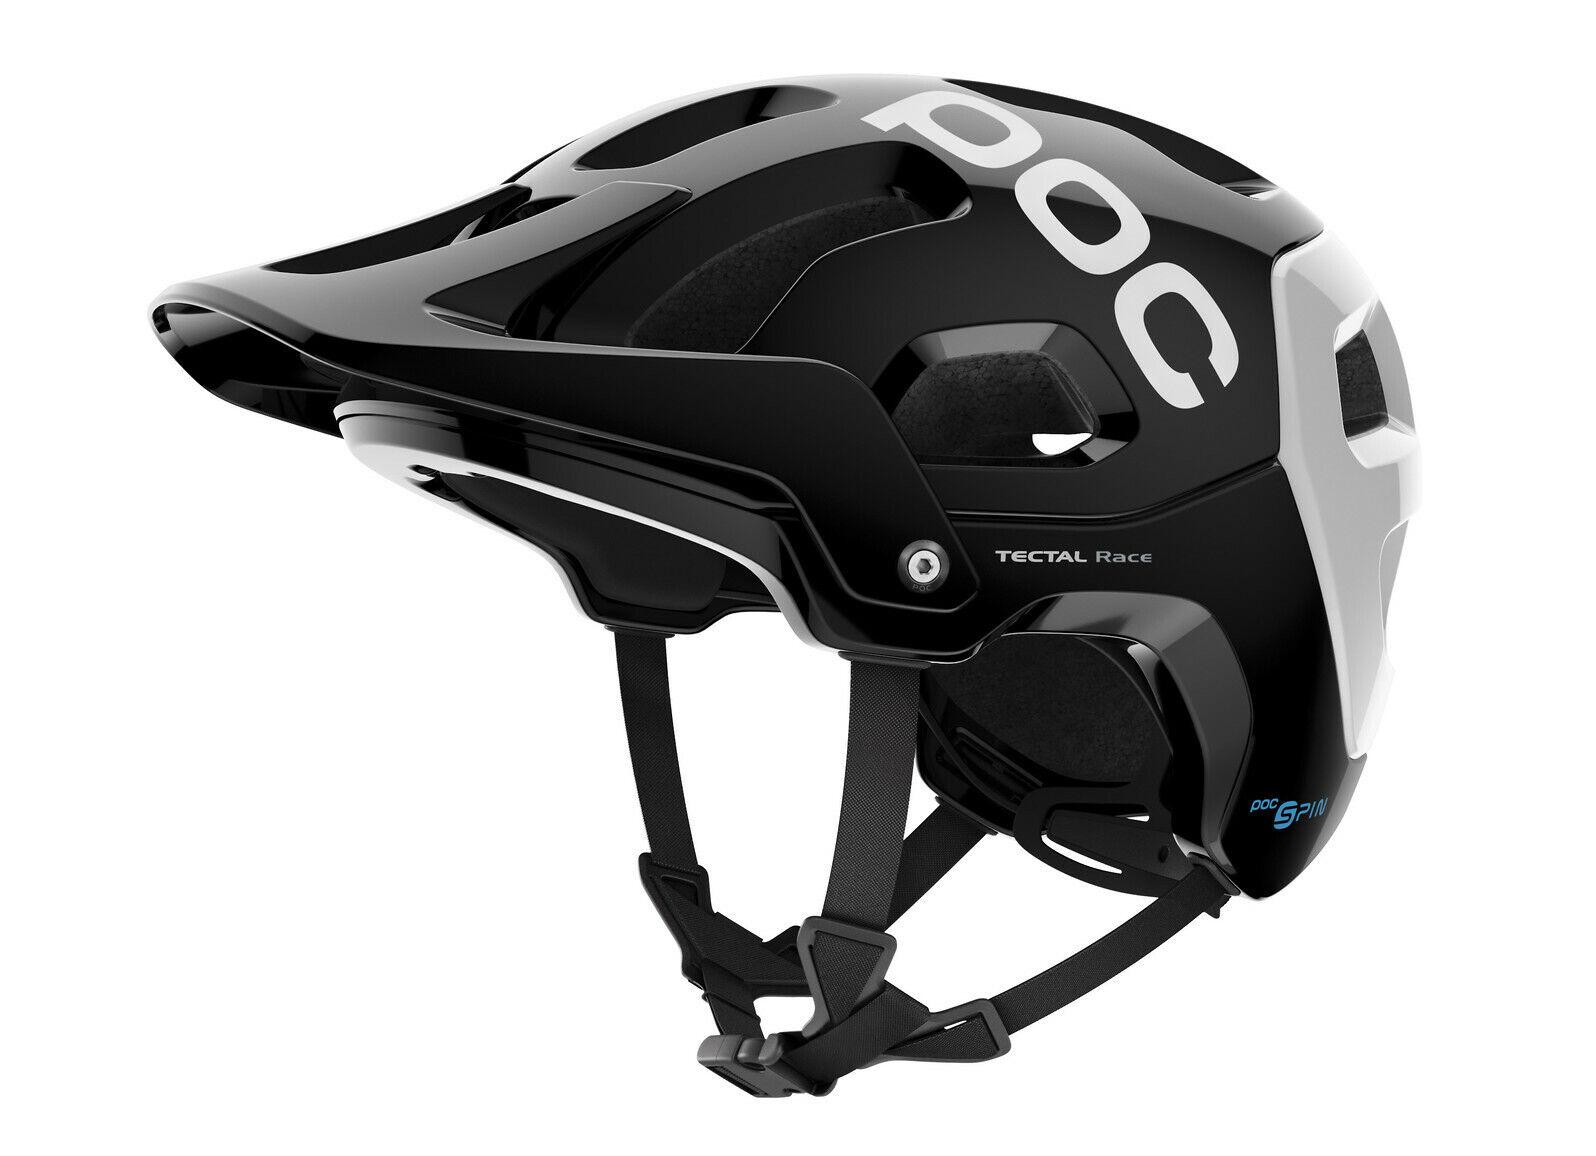 POC Tectal giro Casco de Bicicleta de Montaña Negro Race blancoo Talla M LG